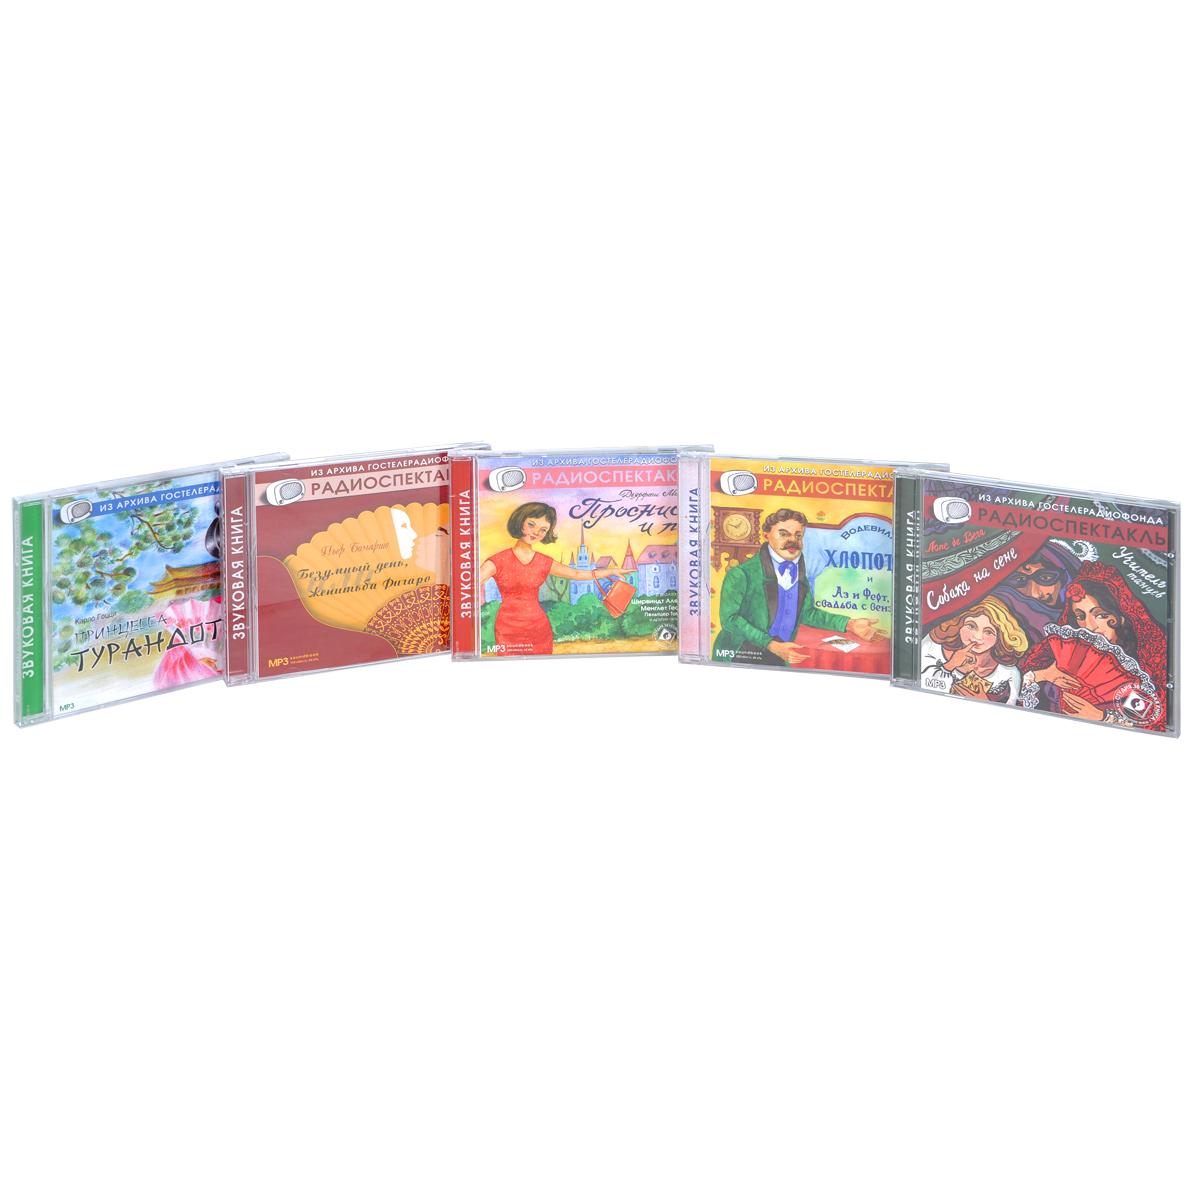 Музыкальные спектакли для хорошего настроения (комплект из 5 аудиокниг MP3 на CD)